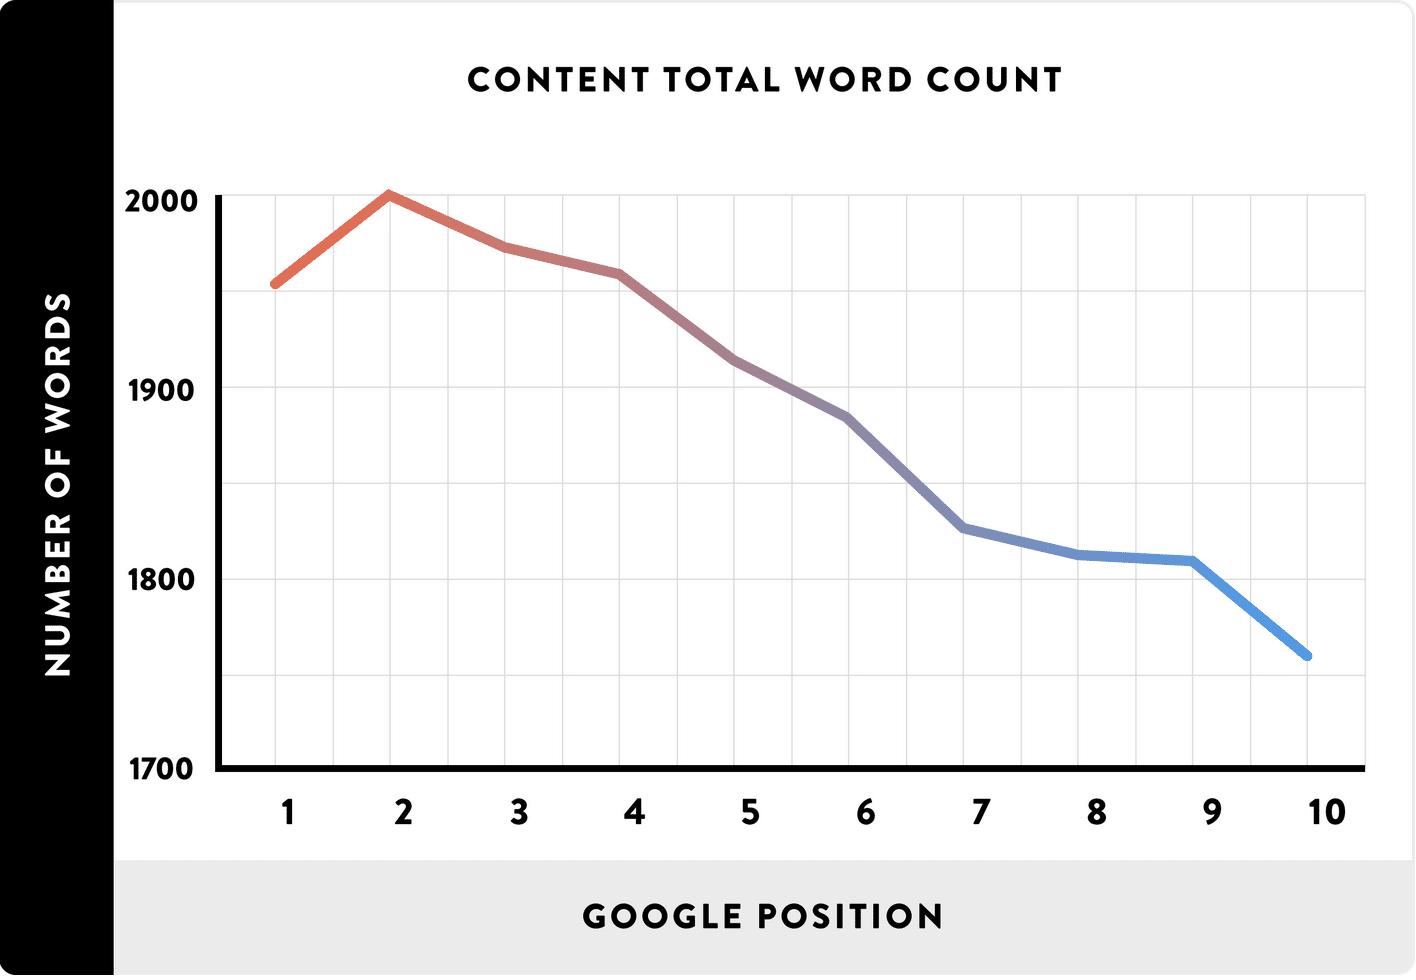 Conteggio delle parole rispetto alla posizione di Google